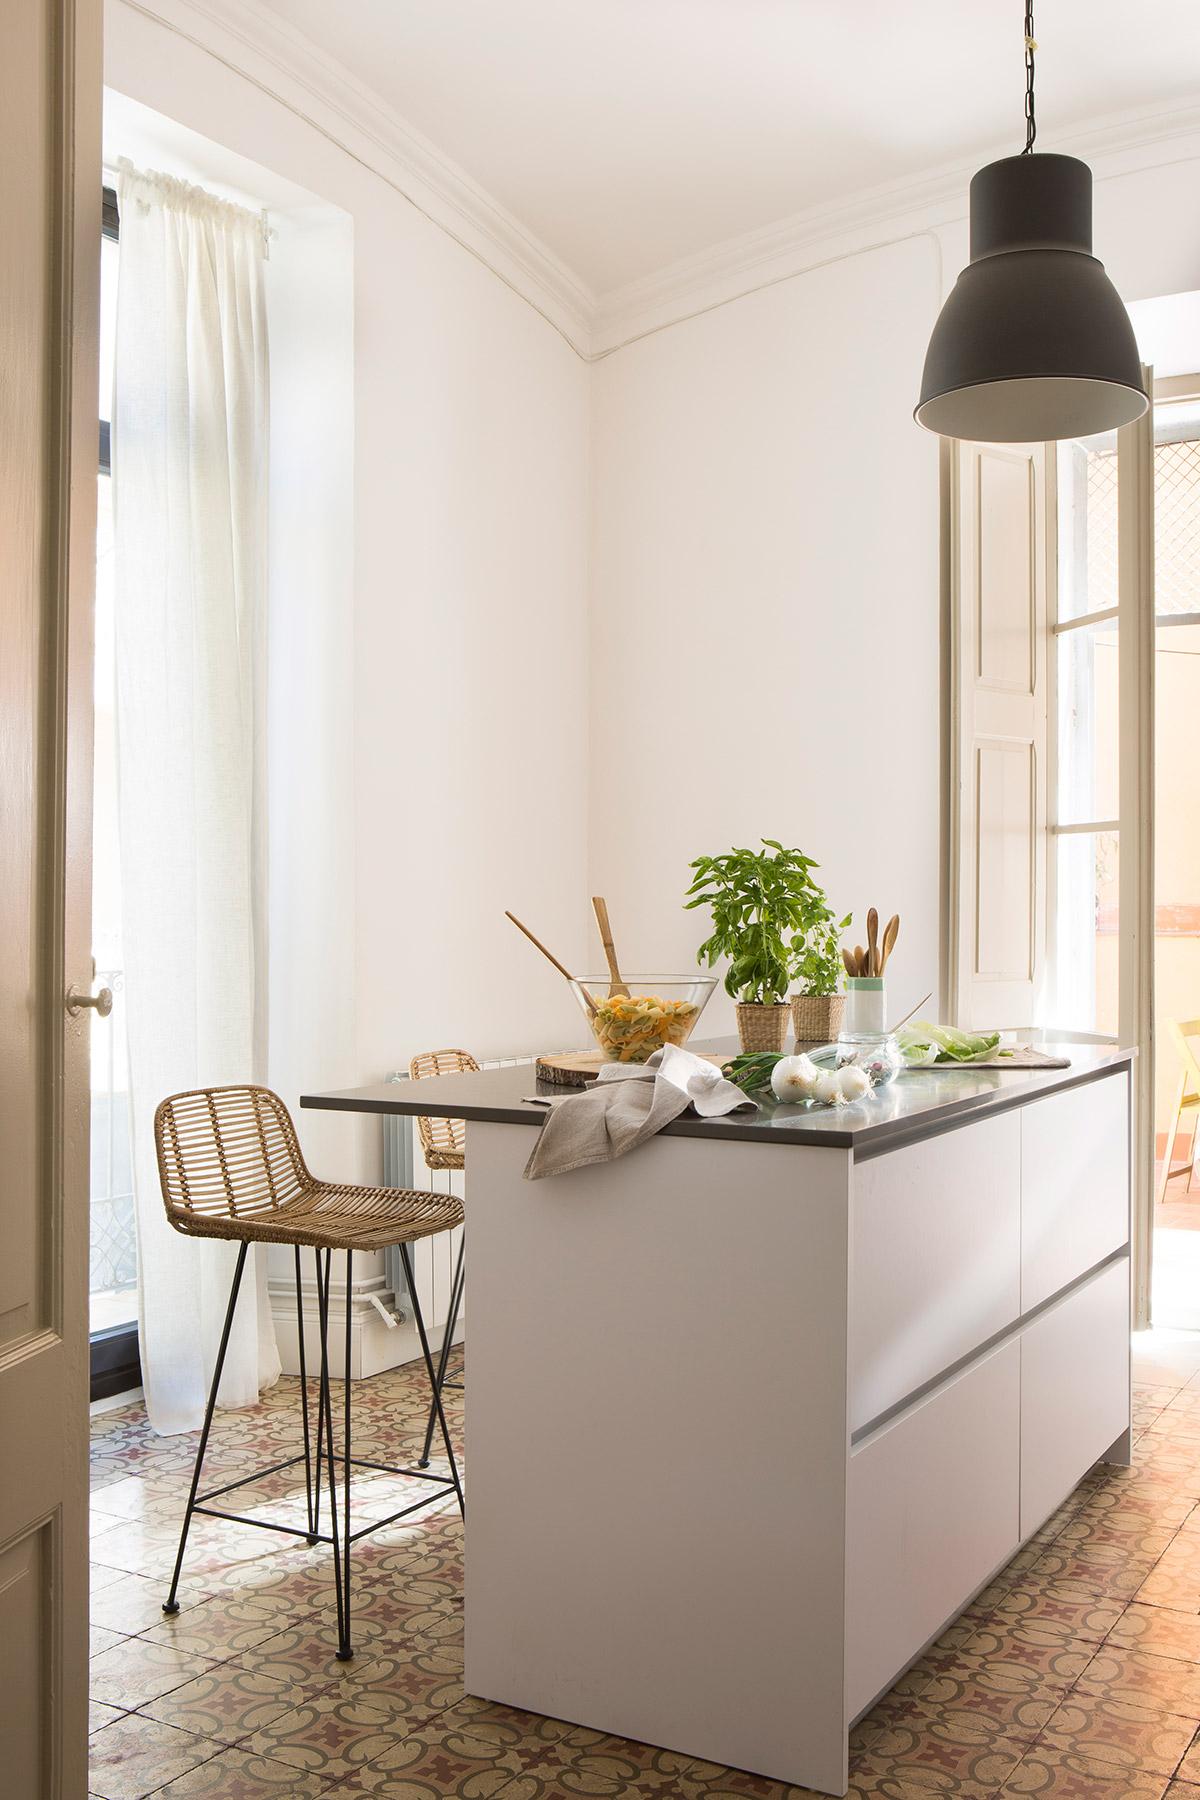 dise o de una cocina con barra de desayuno On muebles bajo barra de cocina